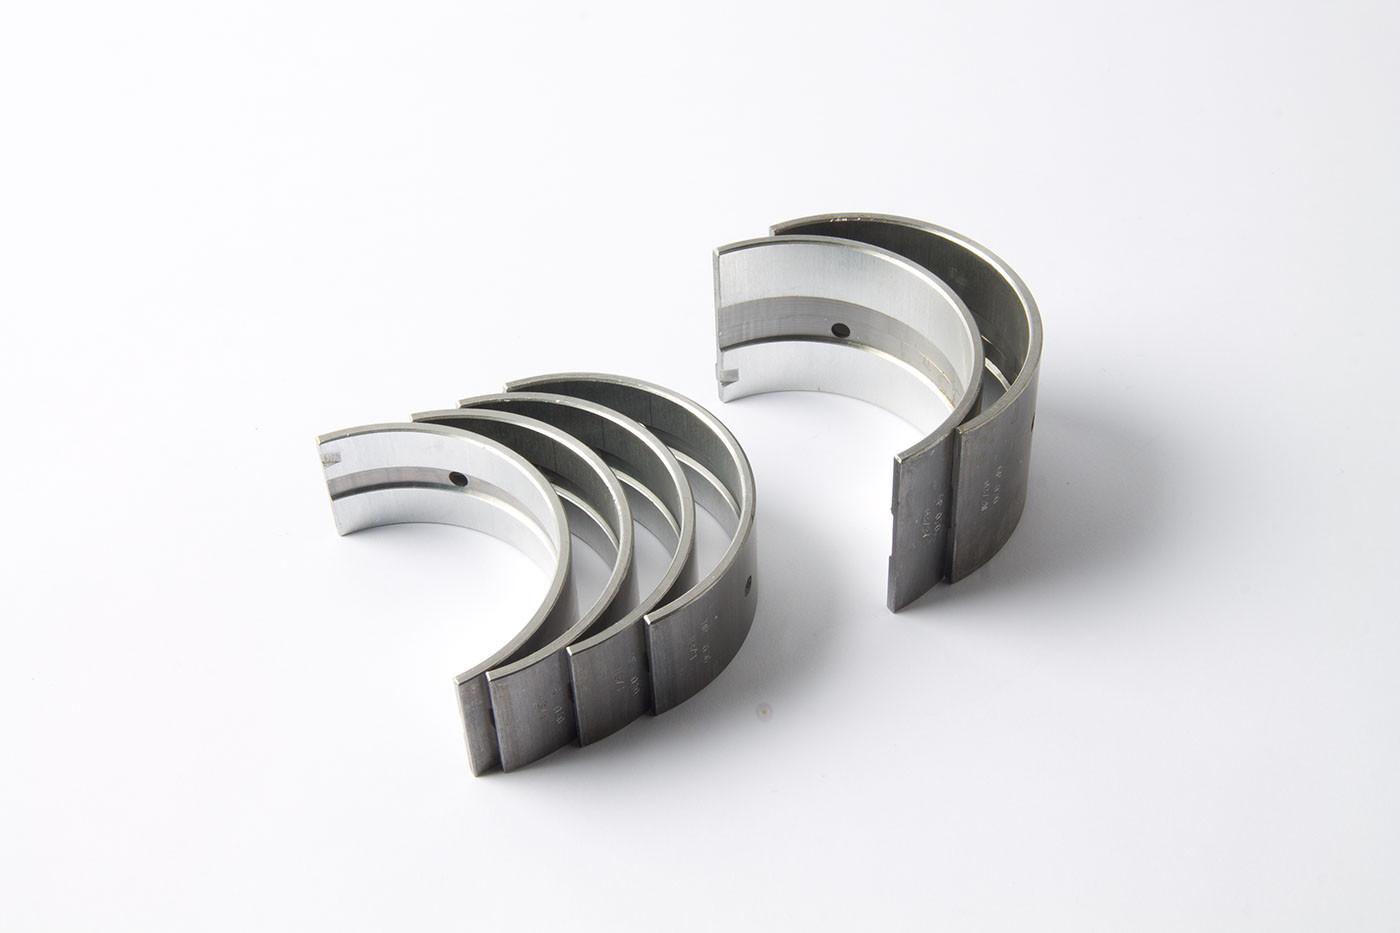 Main bearing set